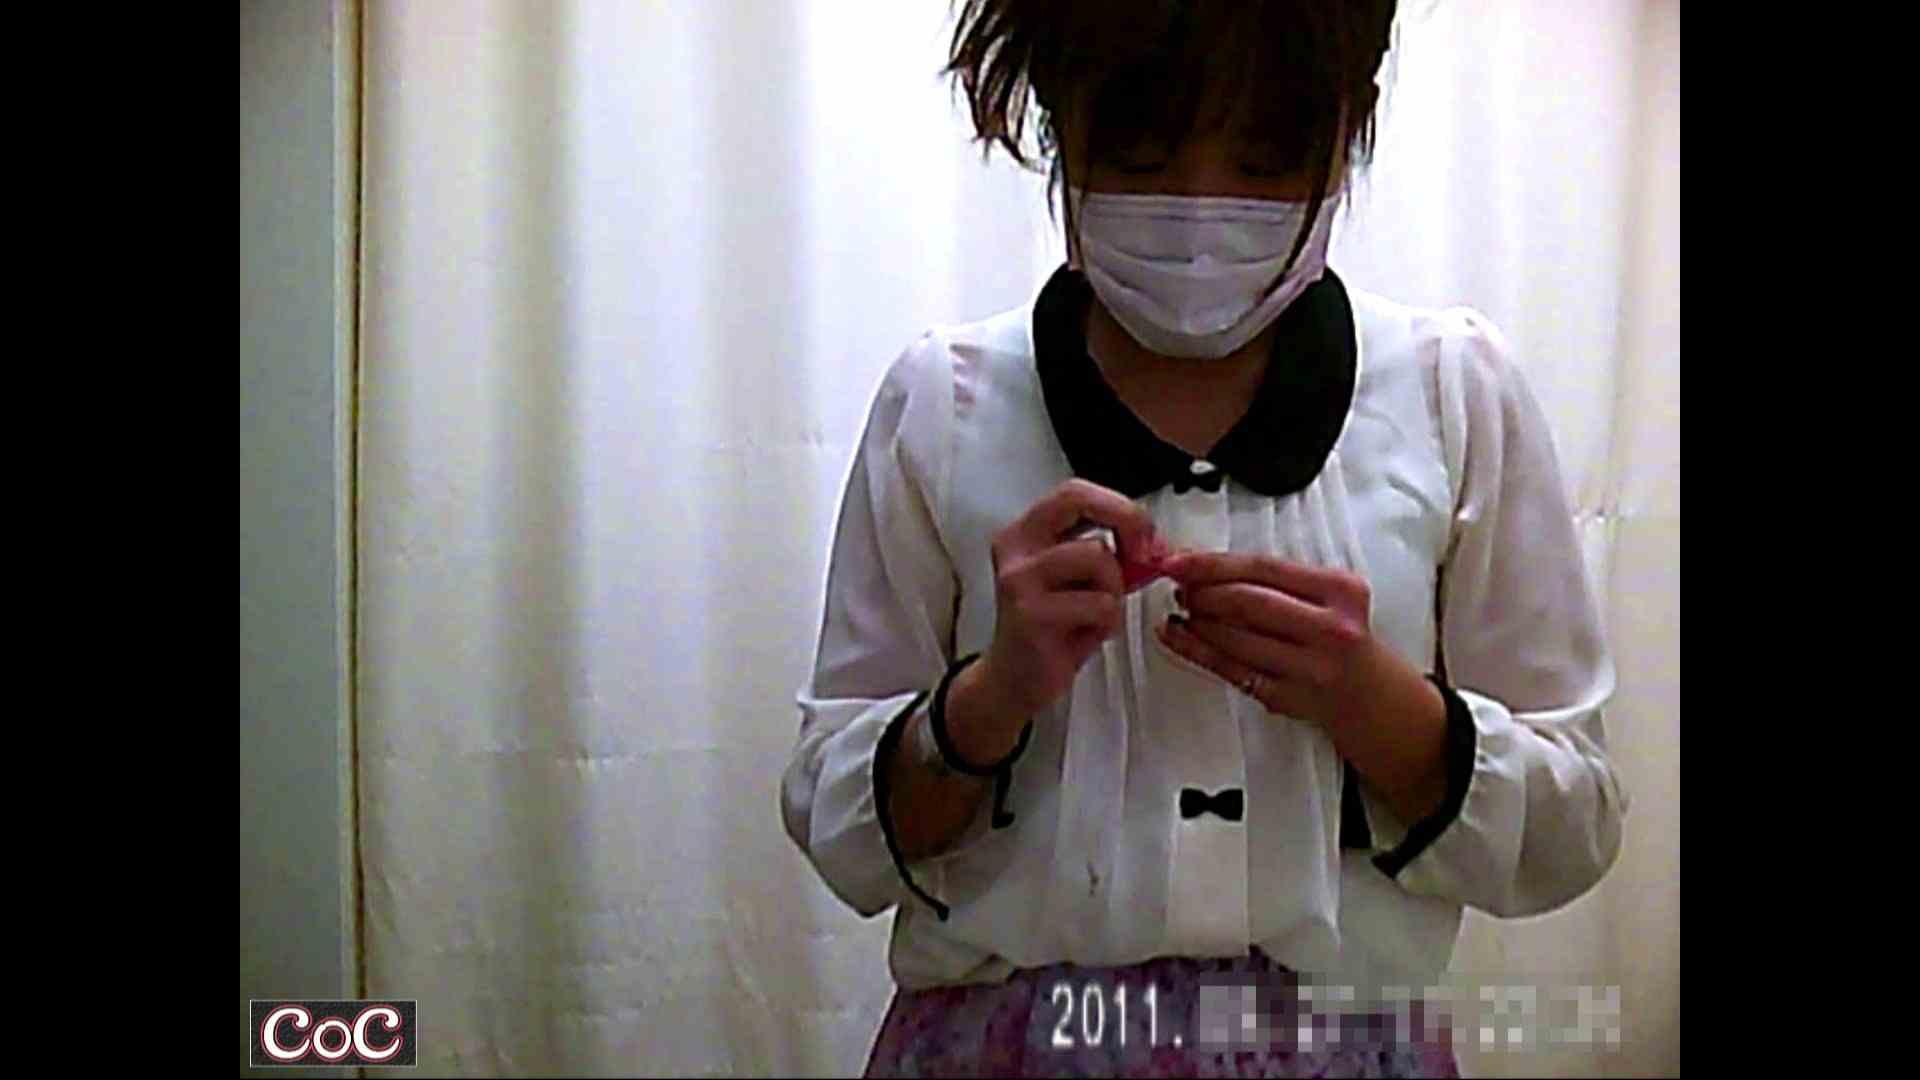 元医者による反抗 更衣室地獄絵巻 vol.258 OL  58pic 53